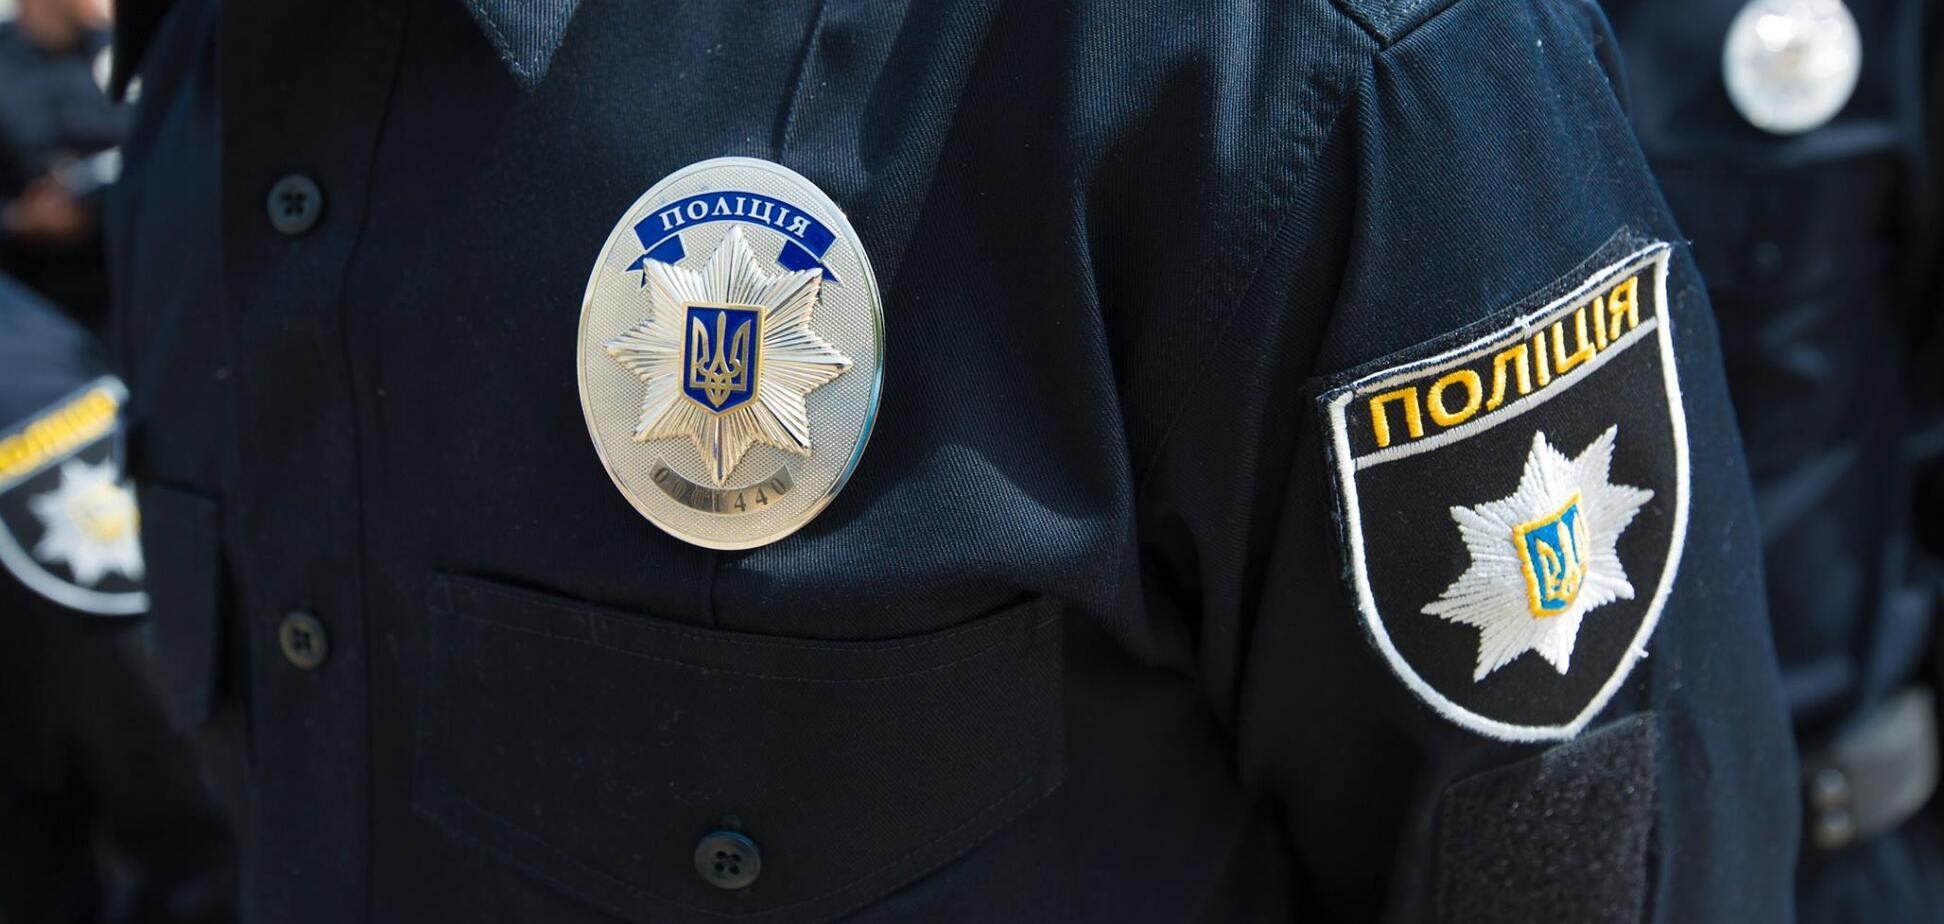 У Києві викрали акціонера 'Севастопольського судноремонтного заводу 'Южний'. Ілюстрація